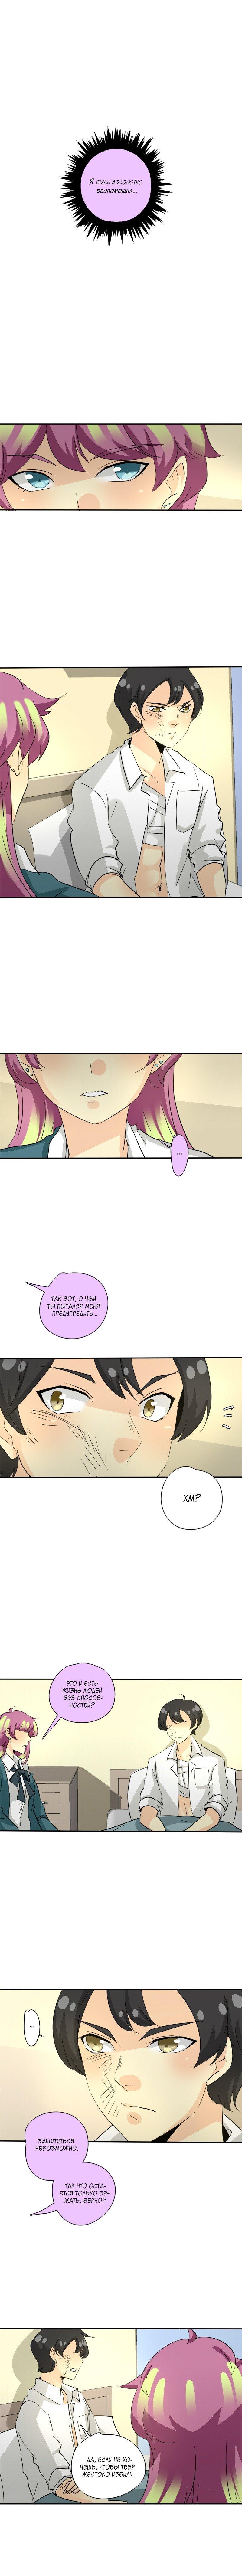 Манга неОРДИНАРНЫЕ / unORDINARY  - Том 1 Глава 107 Страница 6